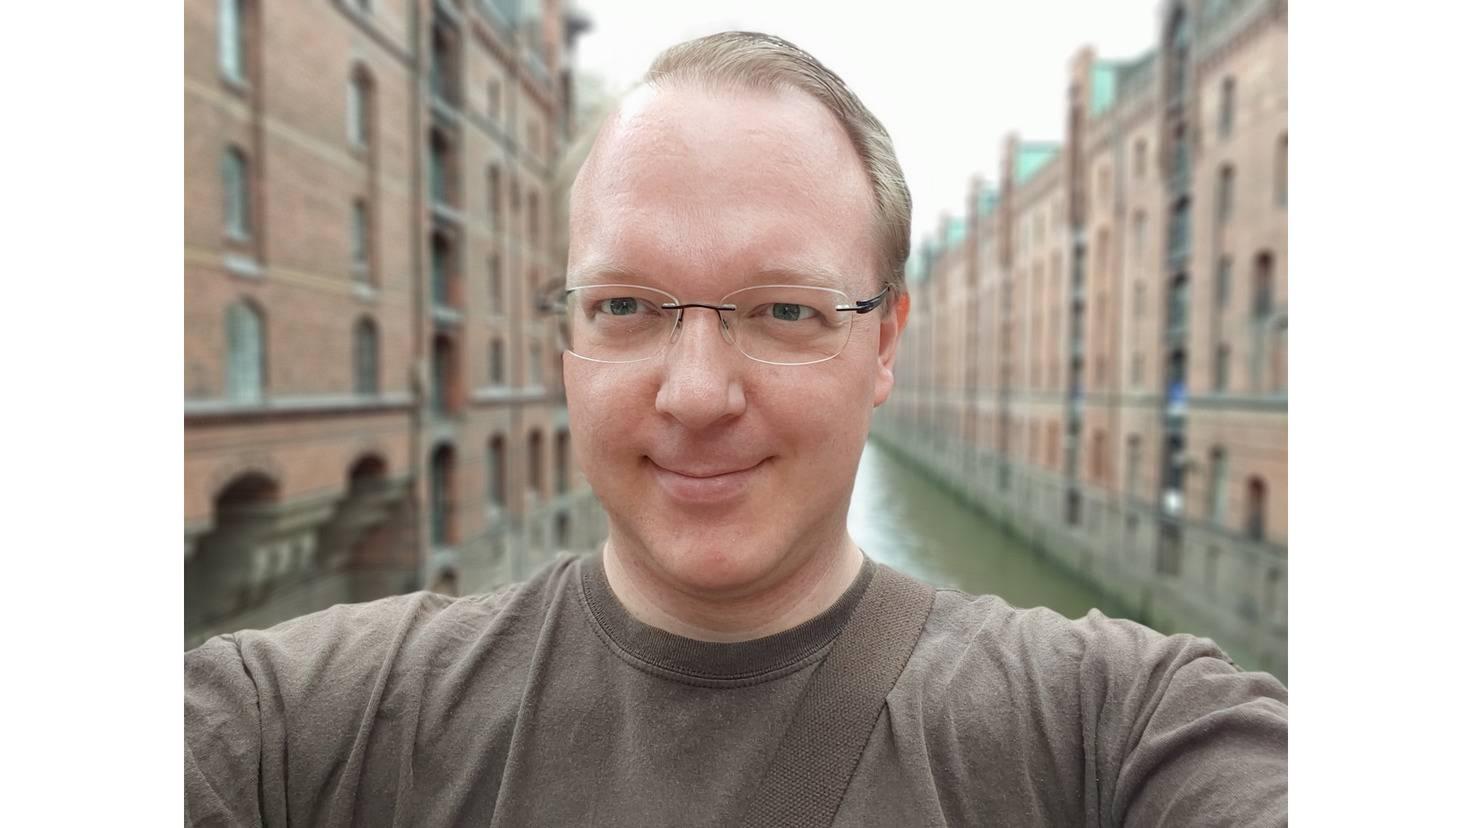 Hier ein Selfie von Andreas mit dem LG G8S.